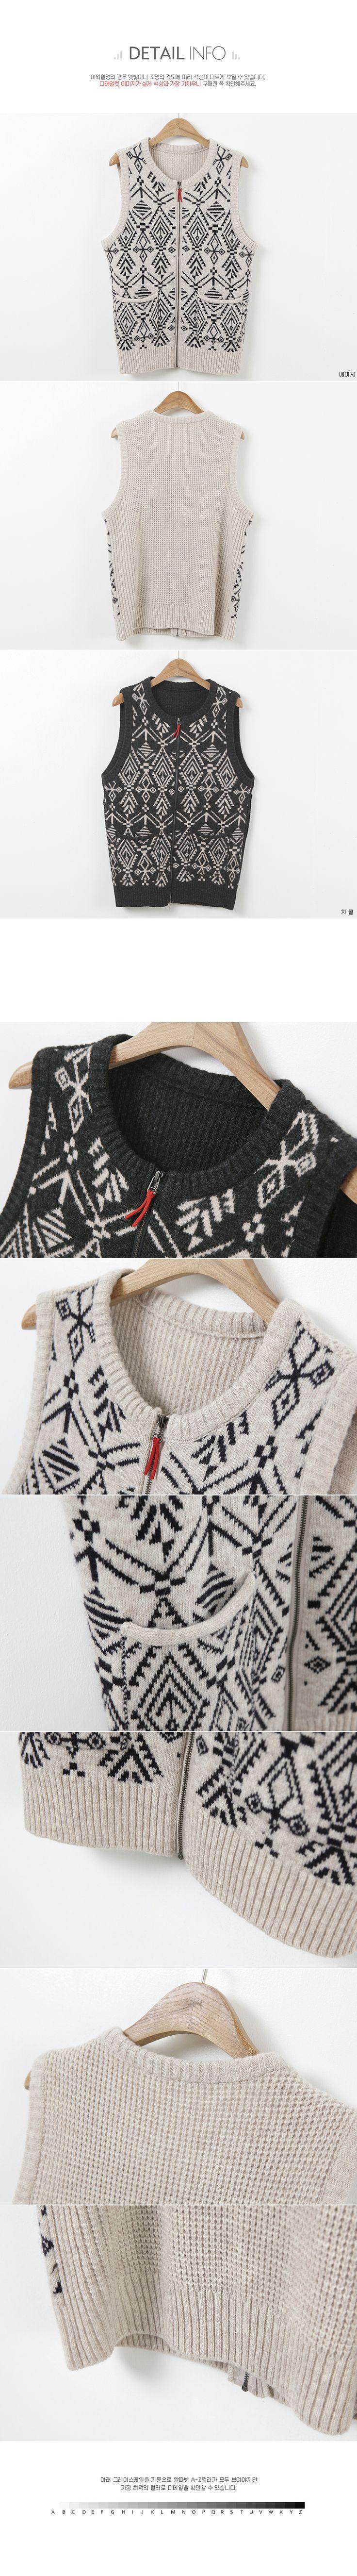 韓国女性服ショッピングモール、さまざまなテーマでご用意しました。 [JOAMOM] 婦人服通販レディースファッション アウター ヴェスト 雪花ファスナーニットベストJV0038